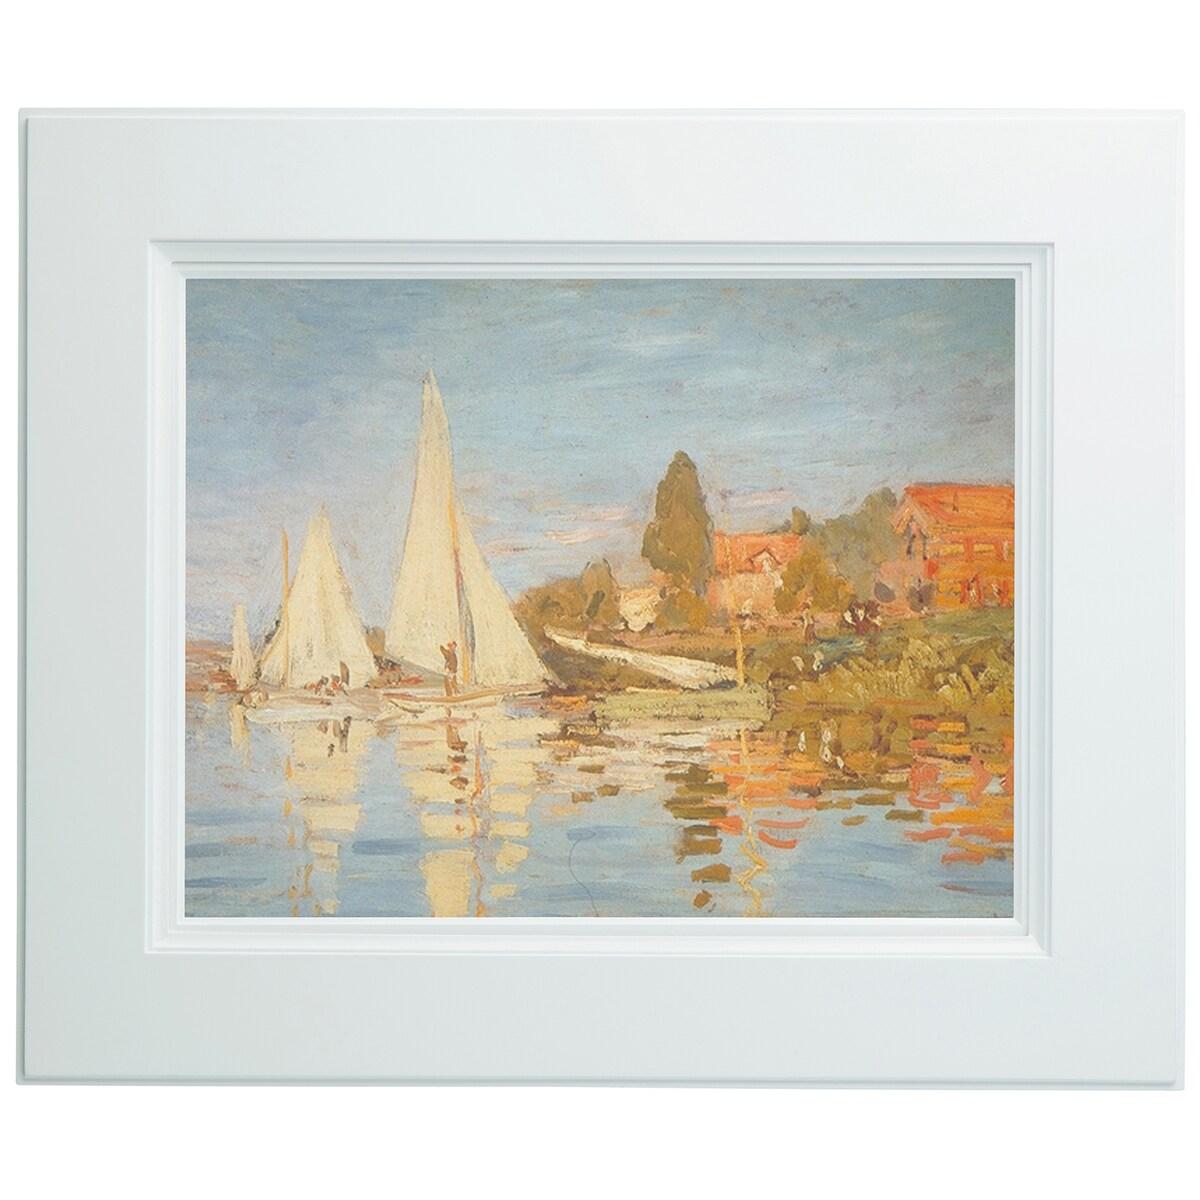 ラーソン・ジュール 油絵用額縁 A263 F8 ホワイト